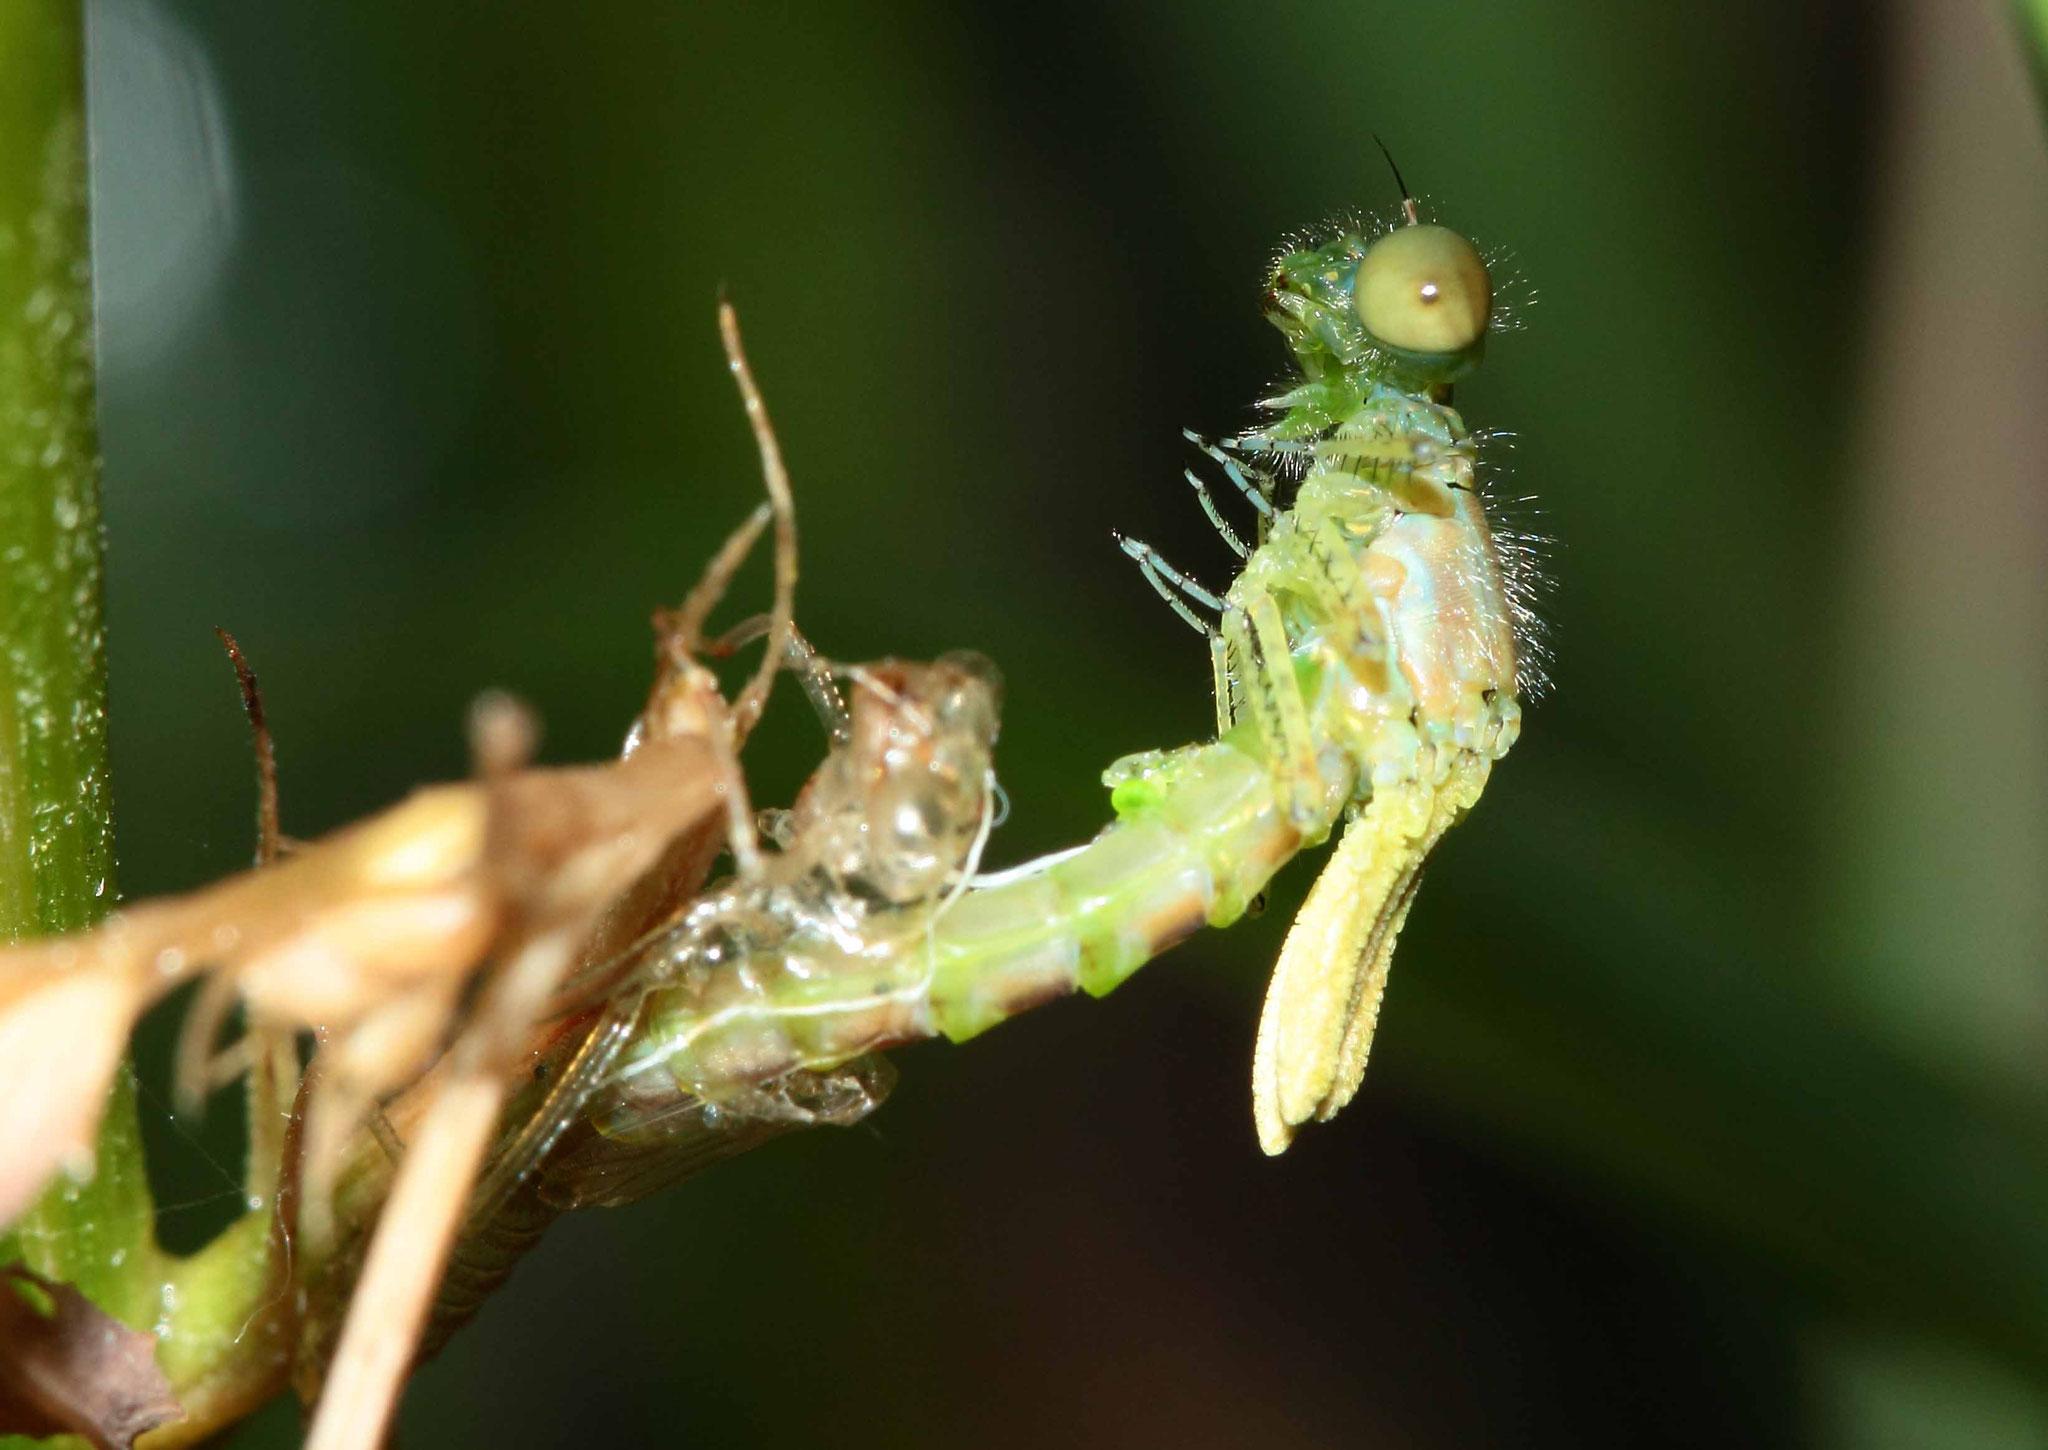 Ein Männchen des Kleinen Granatauges, Erythromma viridulum, bei der Emergenz in vertikaler Position...